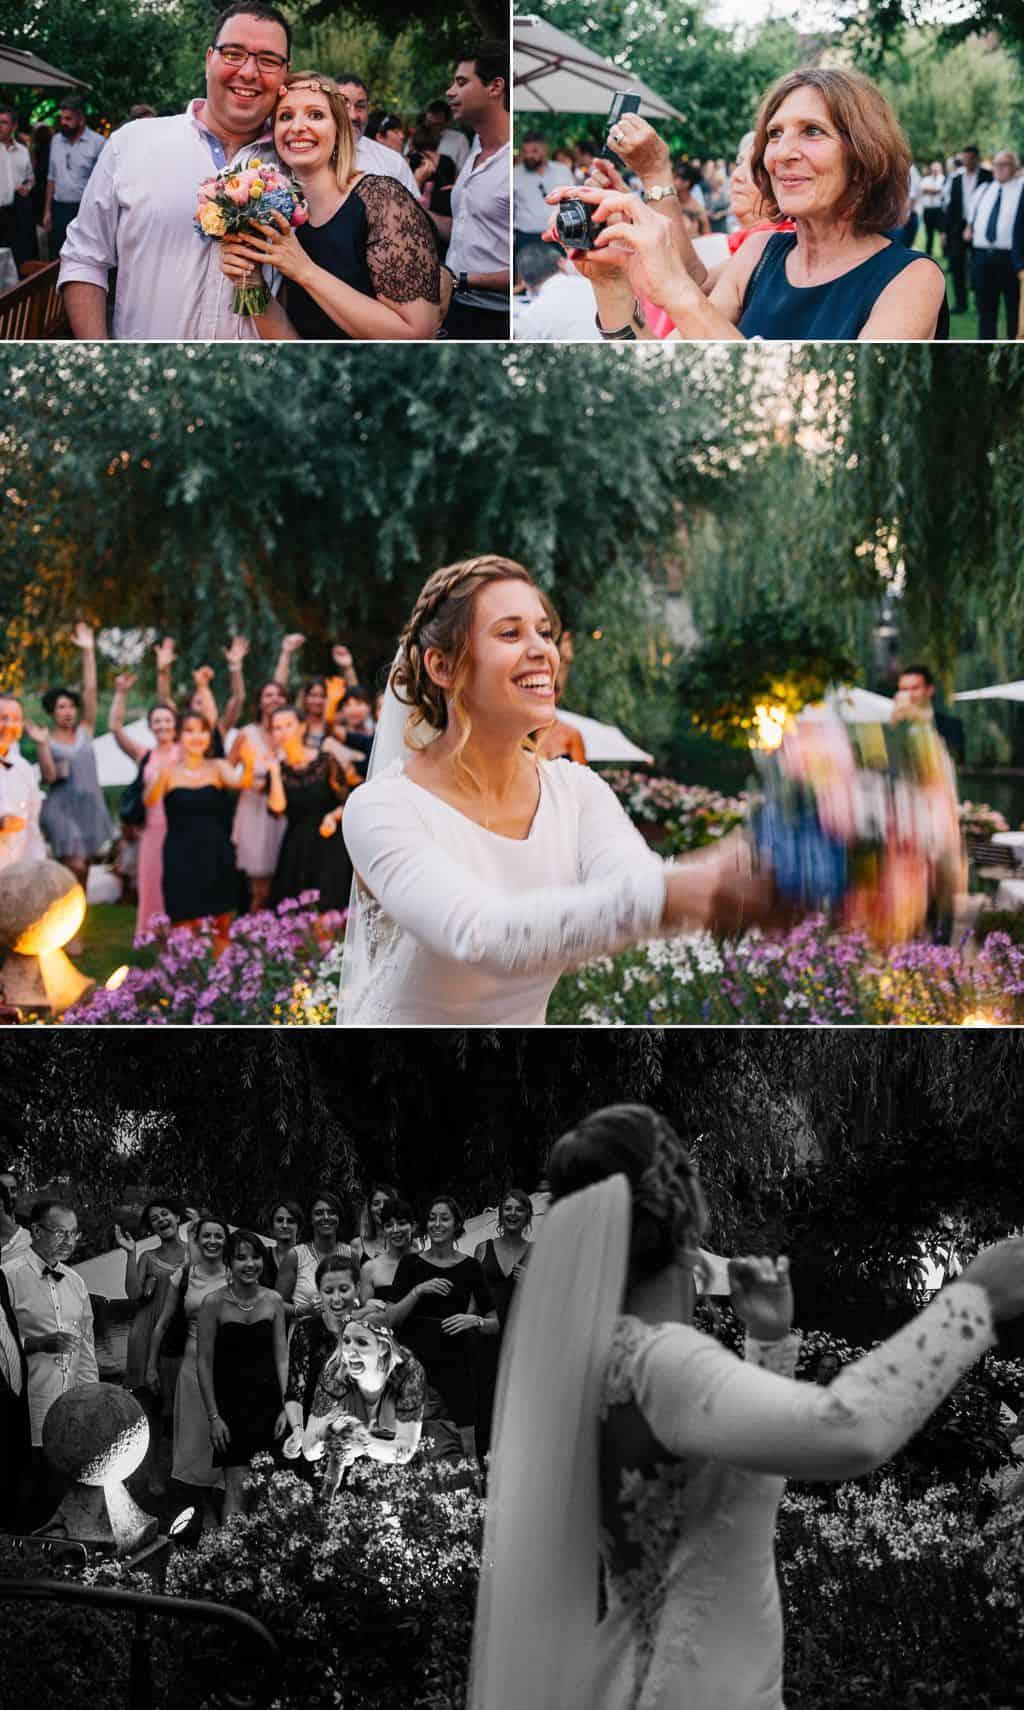 Le lancé de bouquet de la mariée à l'auberge de l'Ill